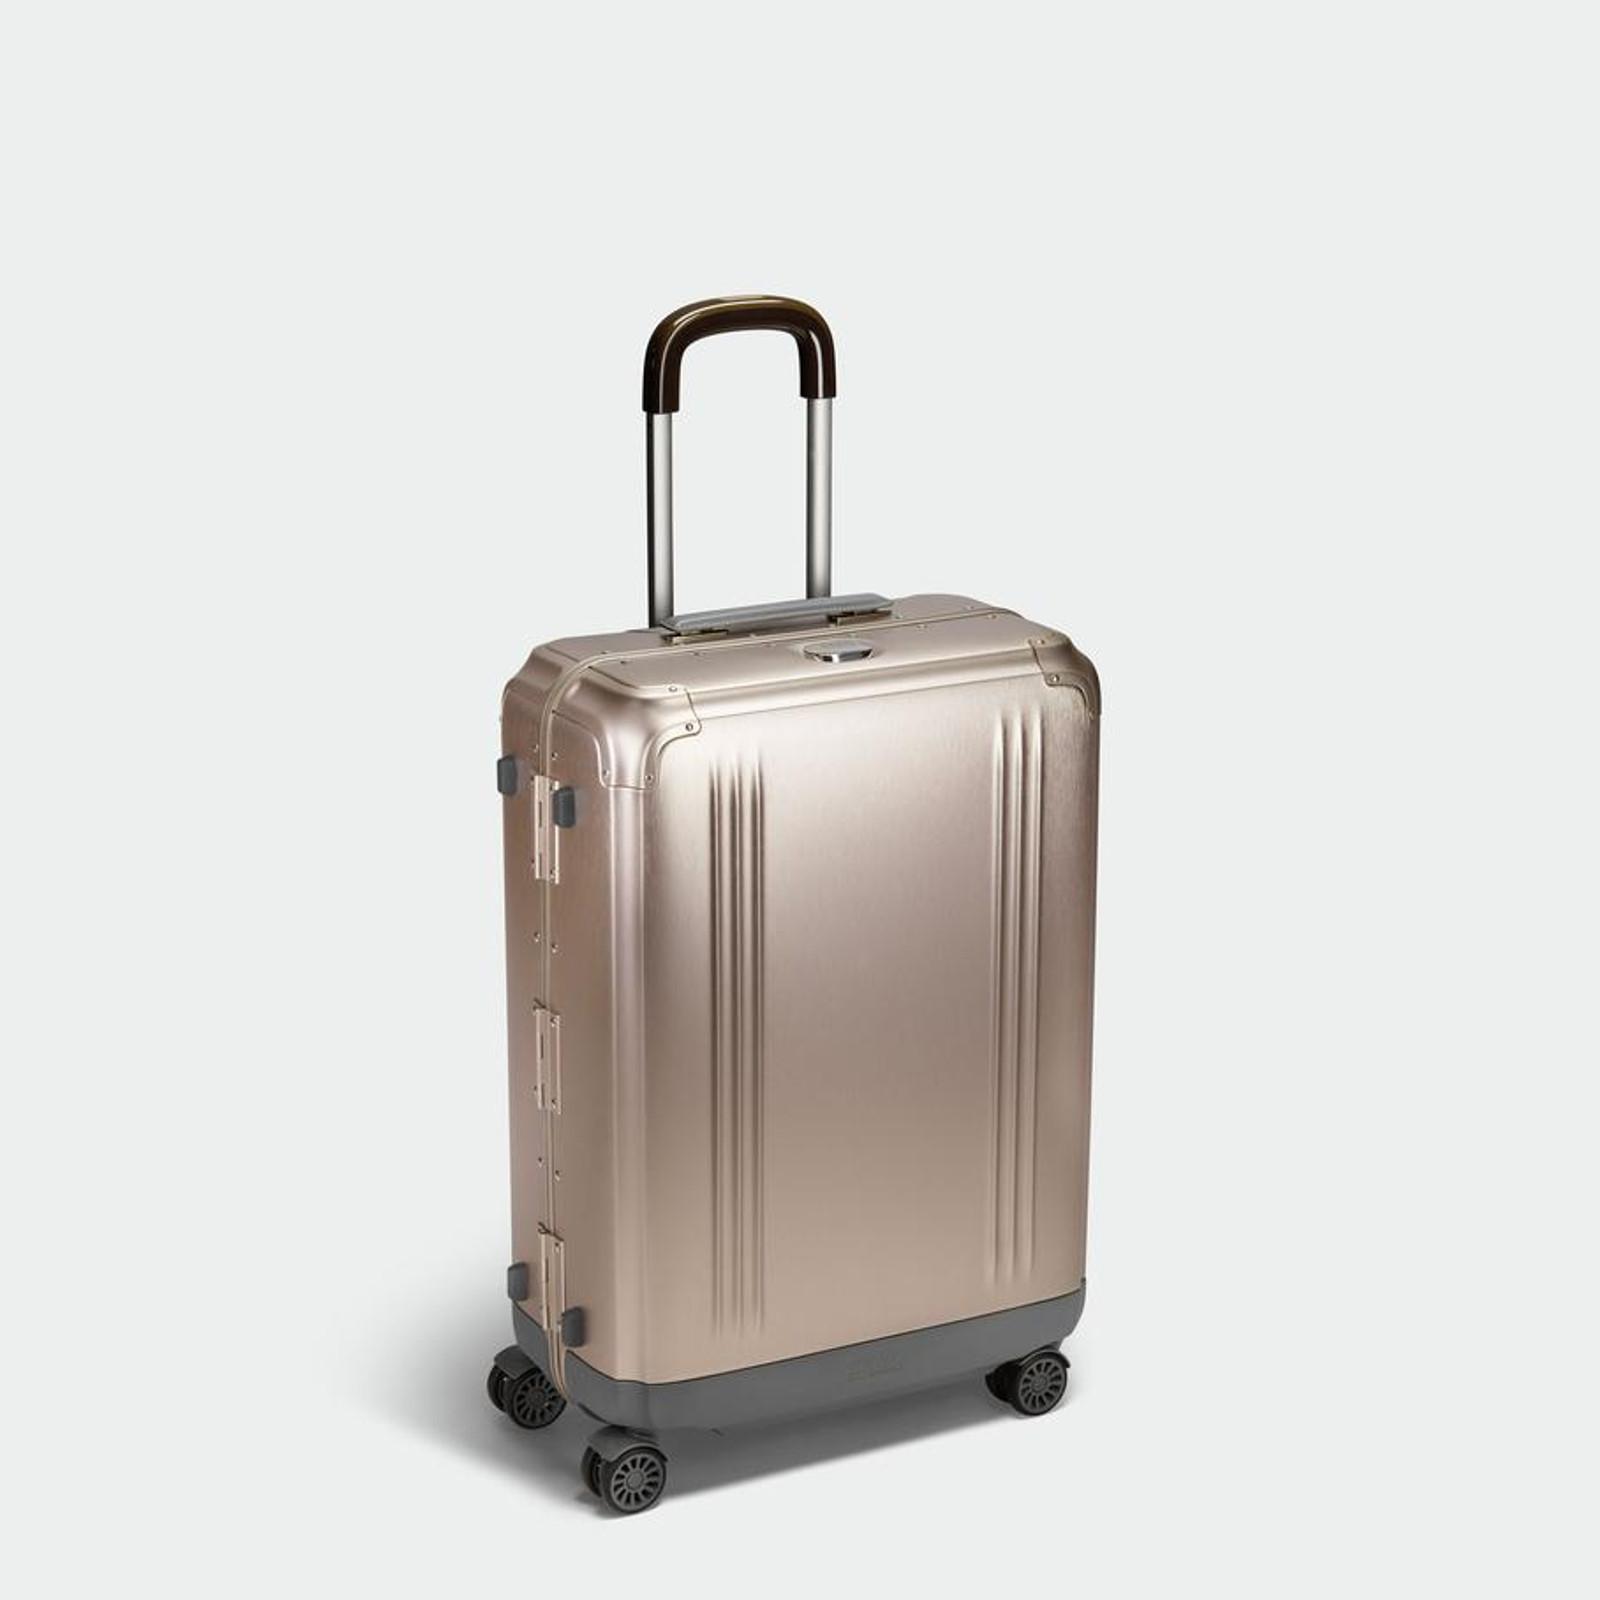 Pursuit - Aluminium Medium Travel Case (Bronze)